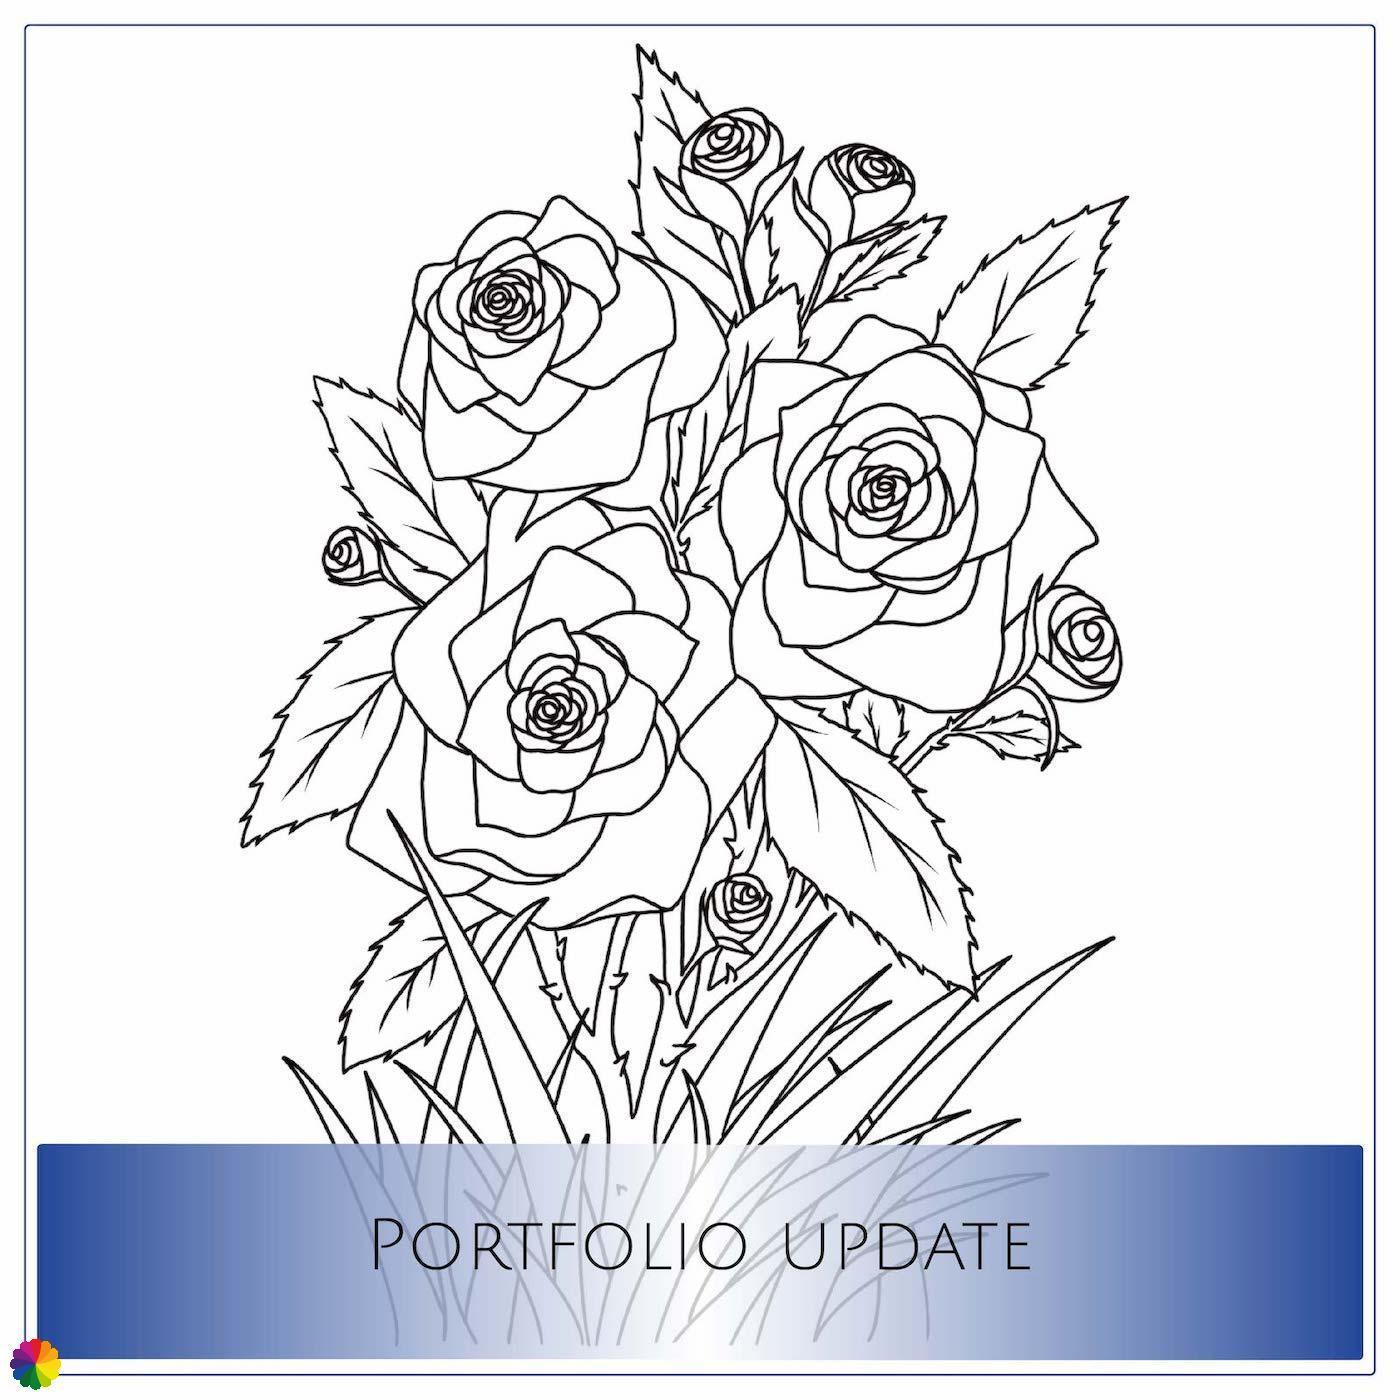 Portfolio update roses tattoo design